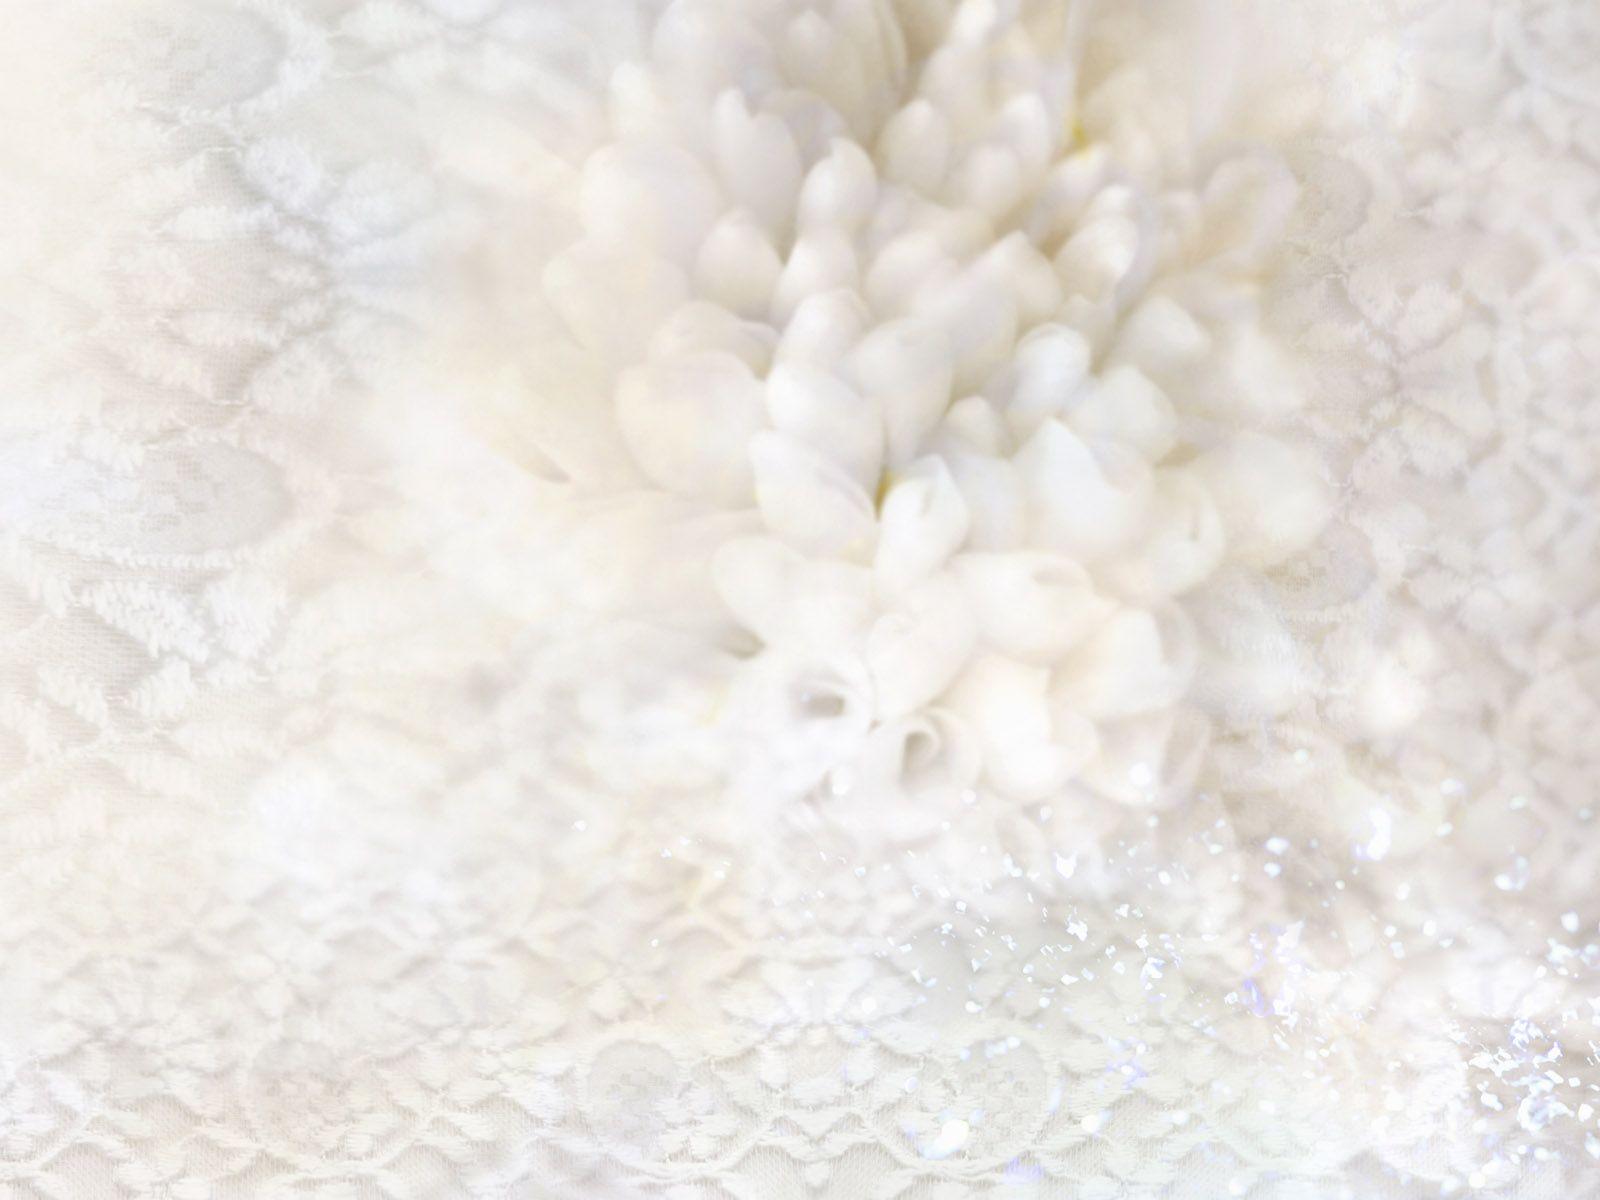 Computer Wallpaper HD Wallpaper Desktop Background   99Wallpaper 1600x1200